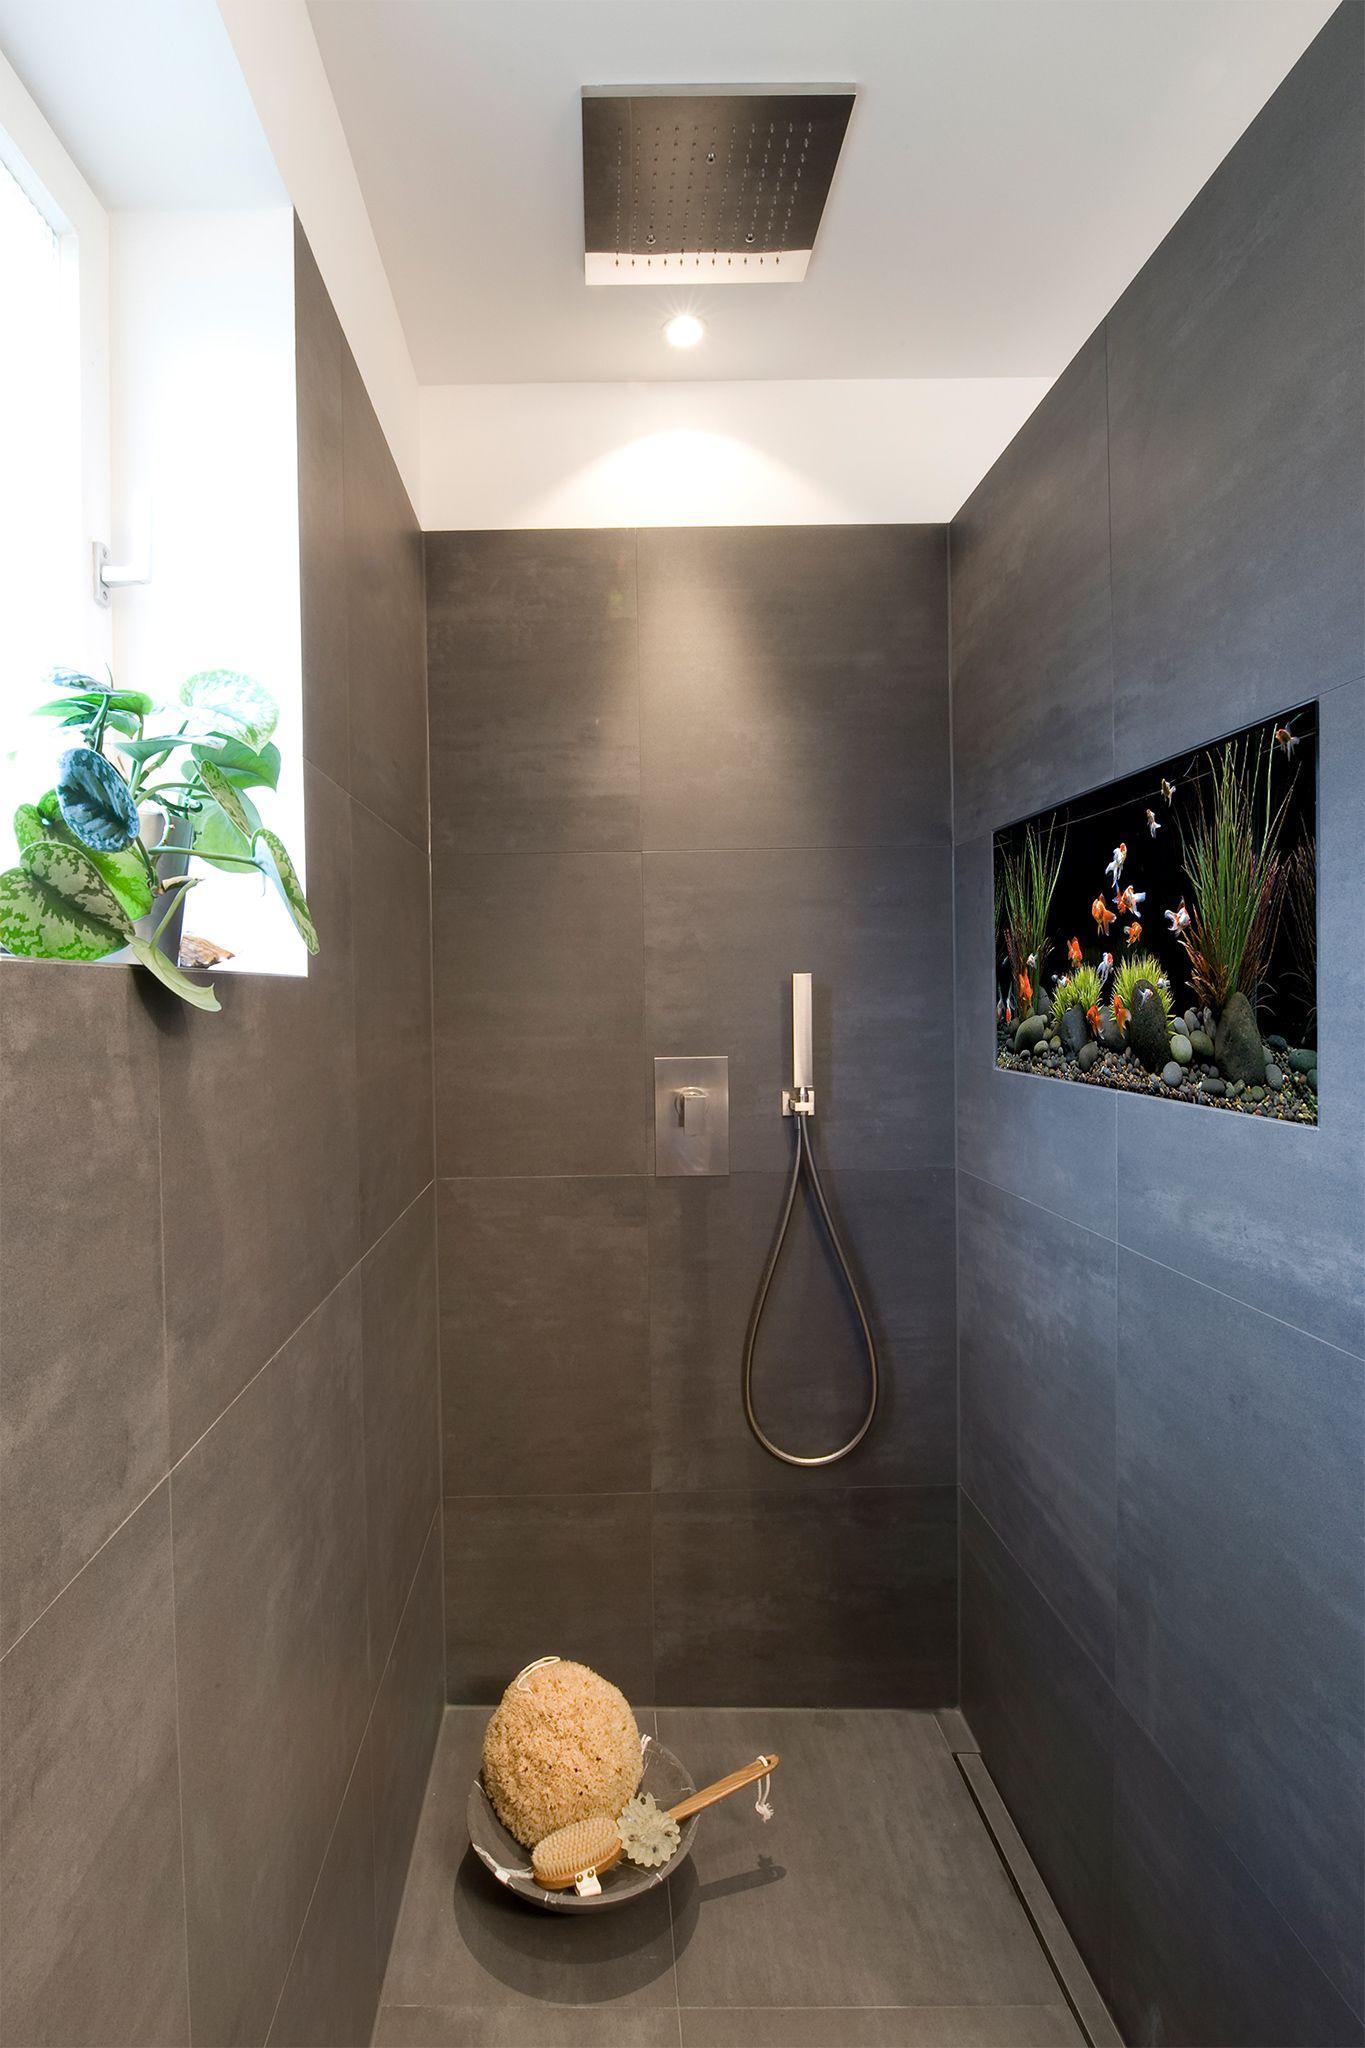 Walk in dusche gemauert dachschräge  Walk-In-Dusche mit Aquarium | Schöne Walk-In-Duschen | Pinterest ...